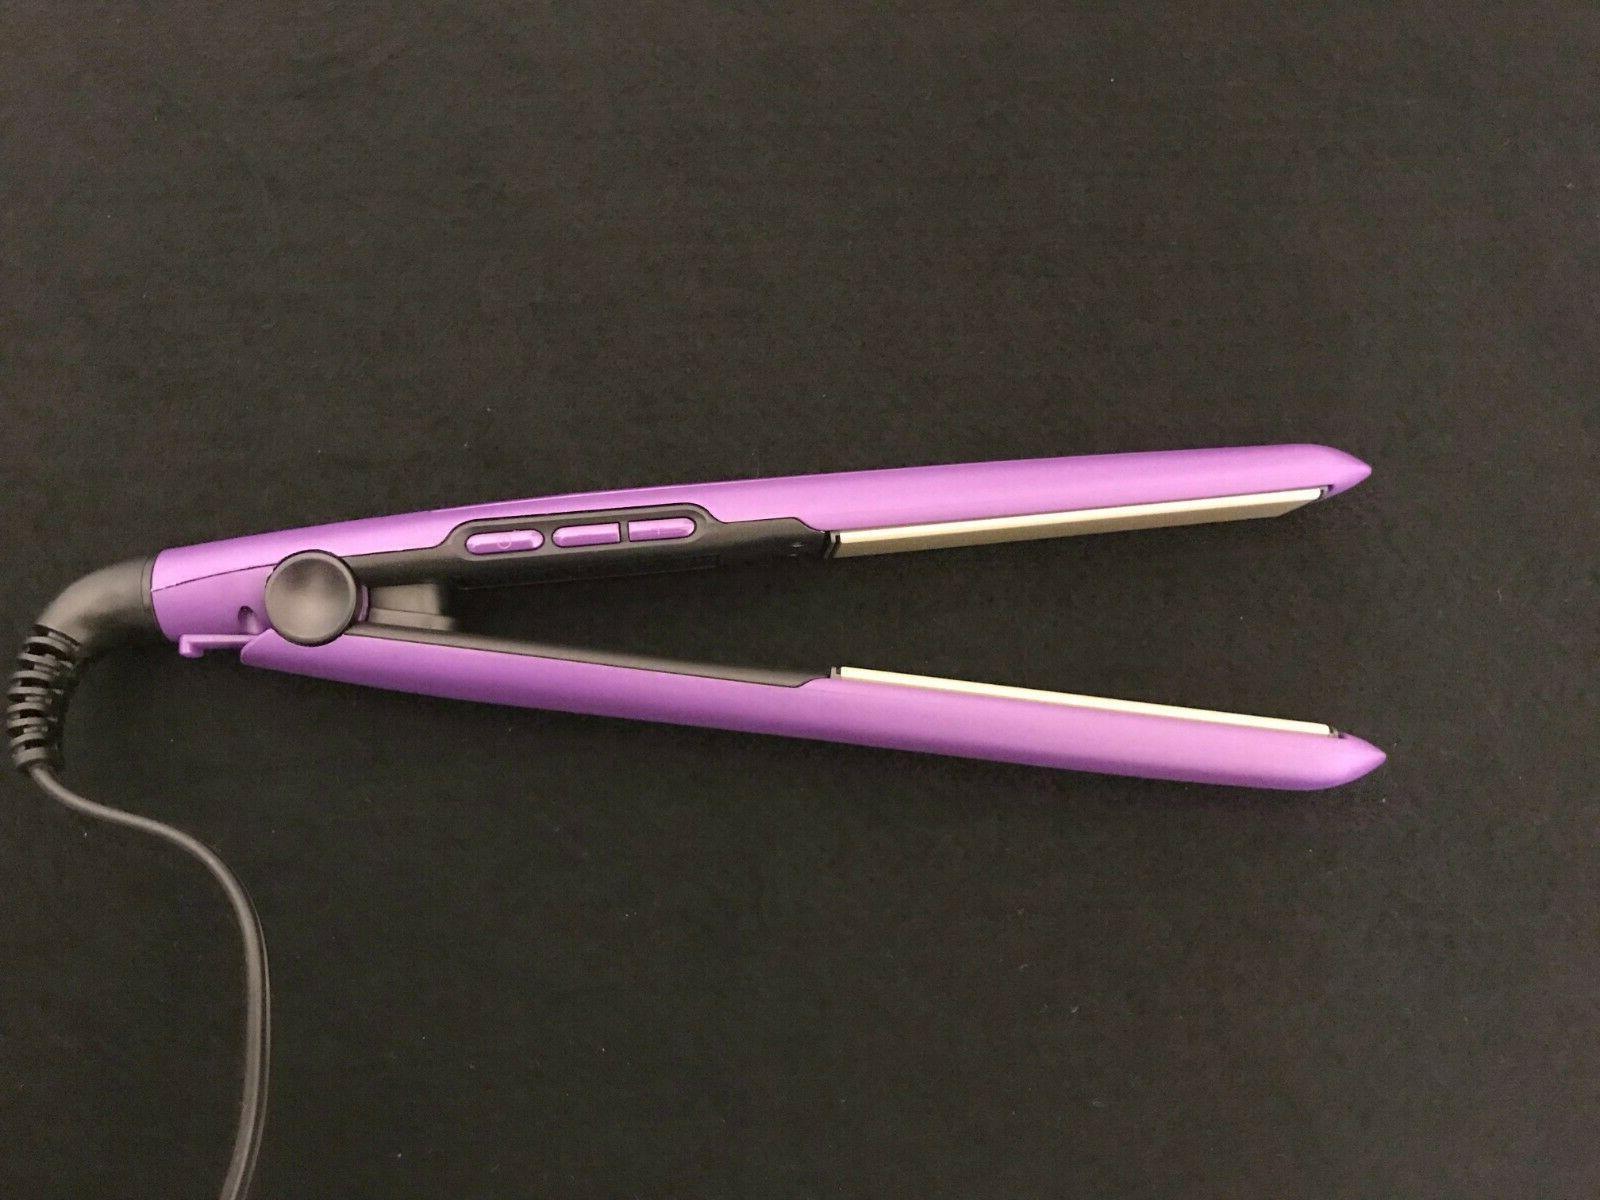 New No - Remington S5500 Ceramic Flat Iron Hair Straightener